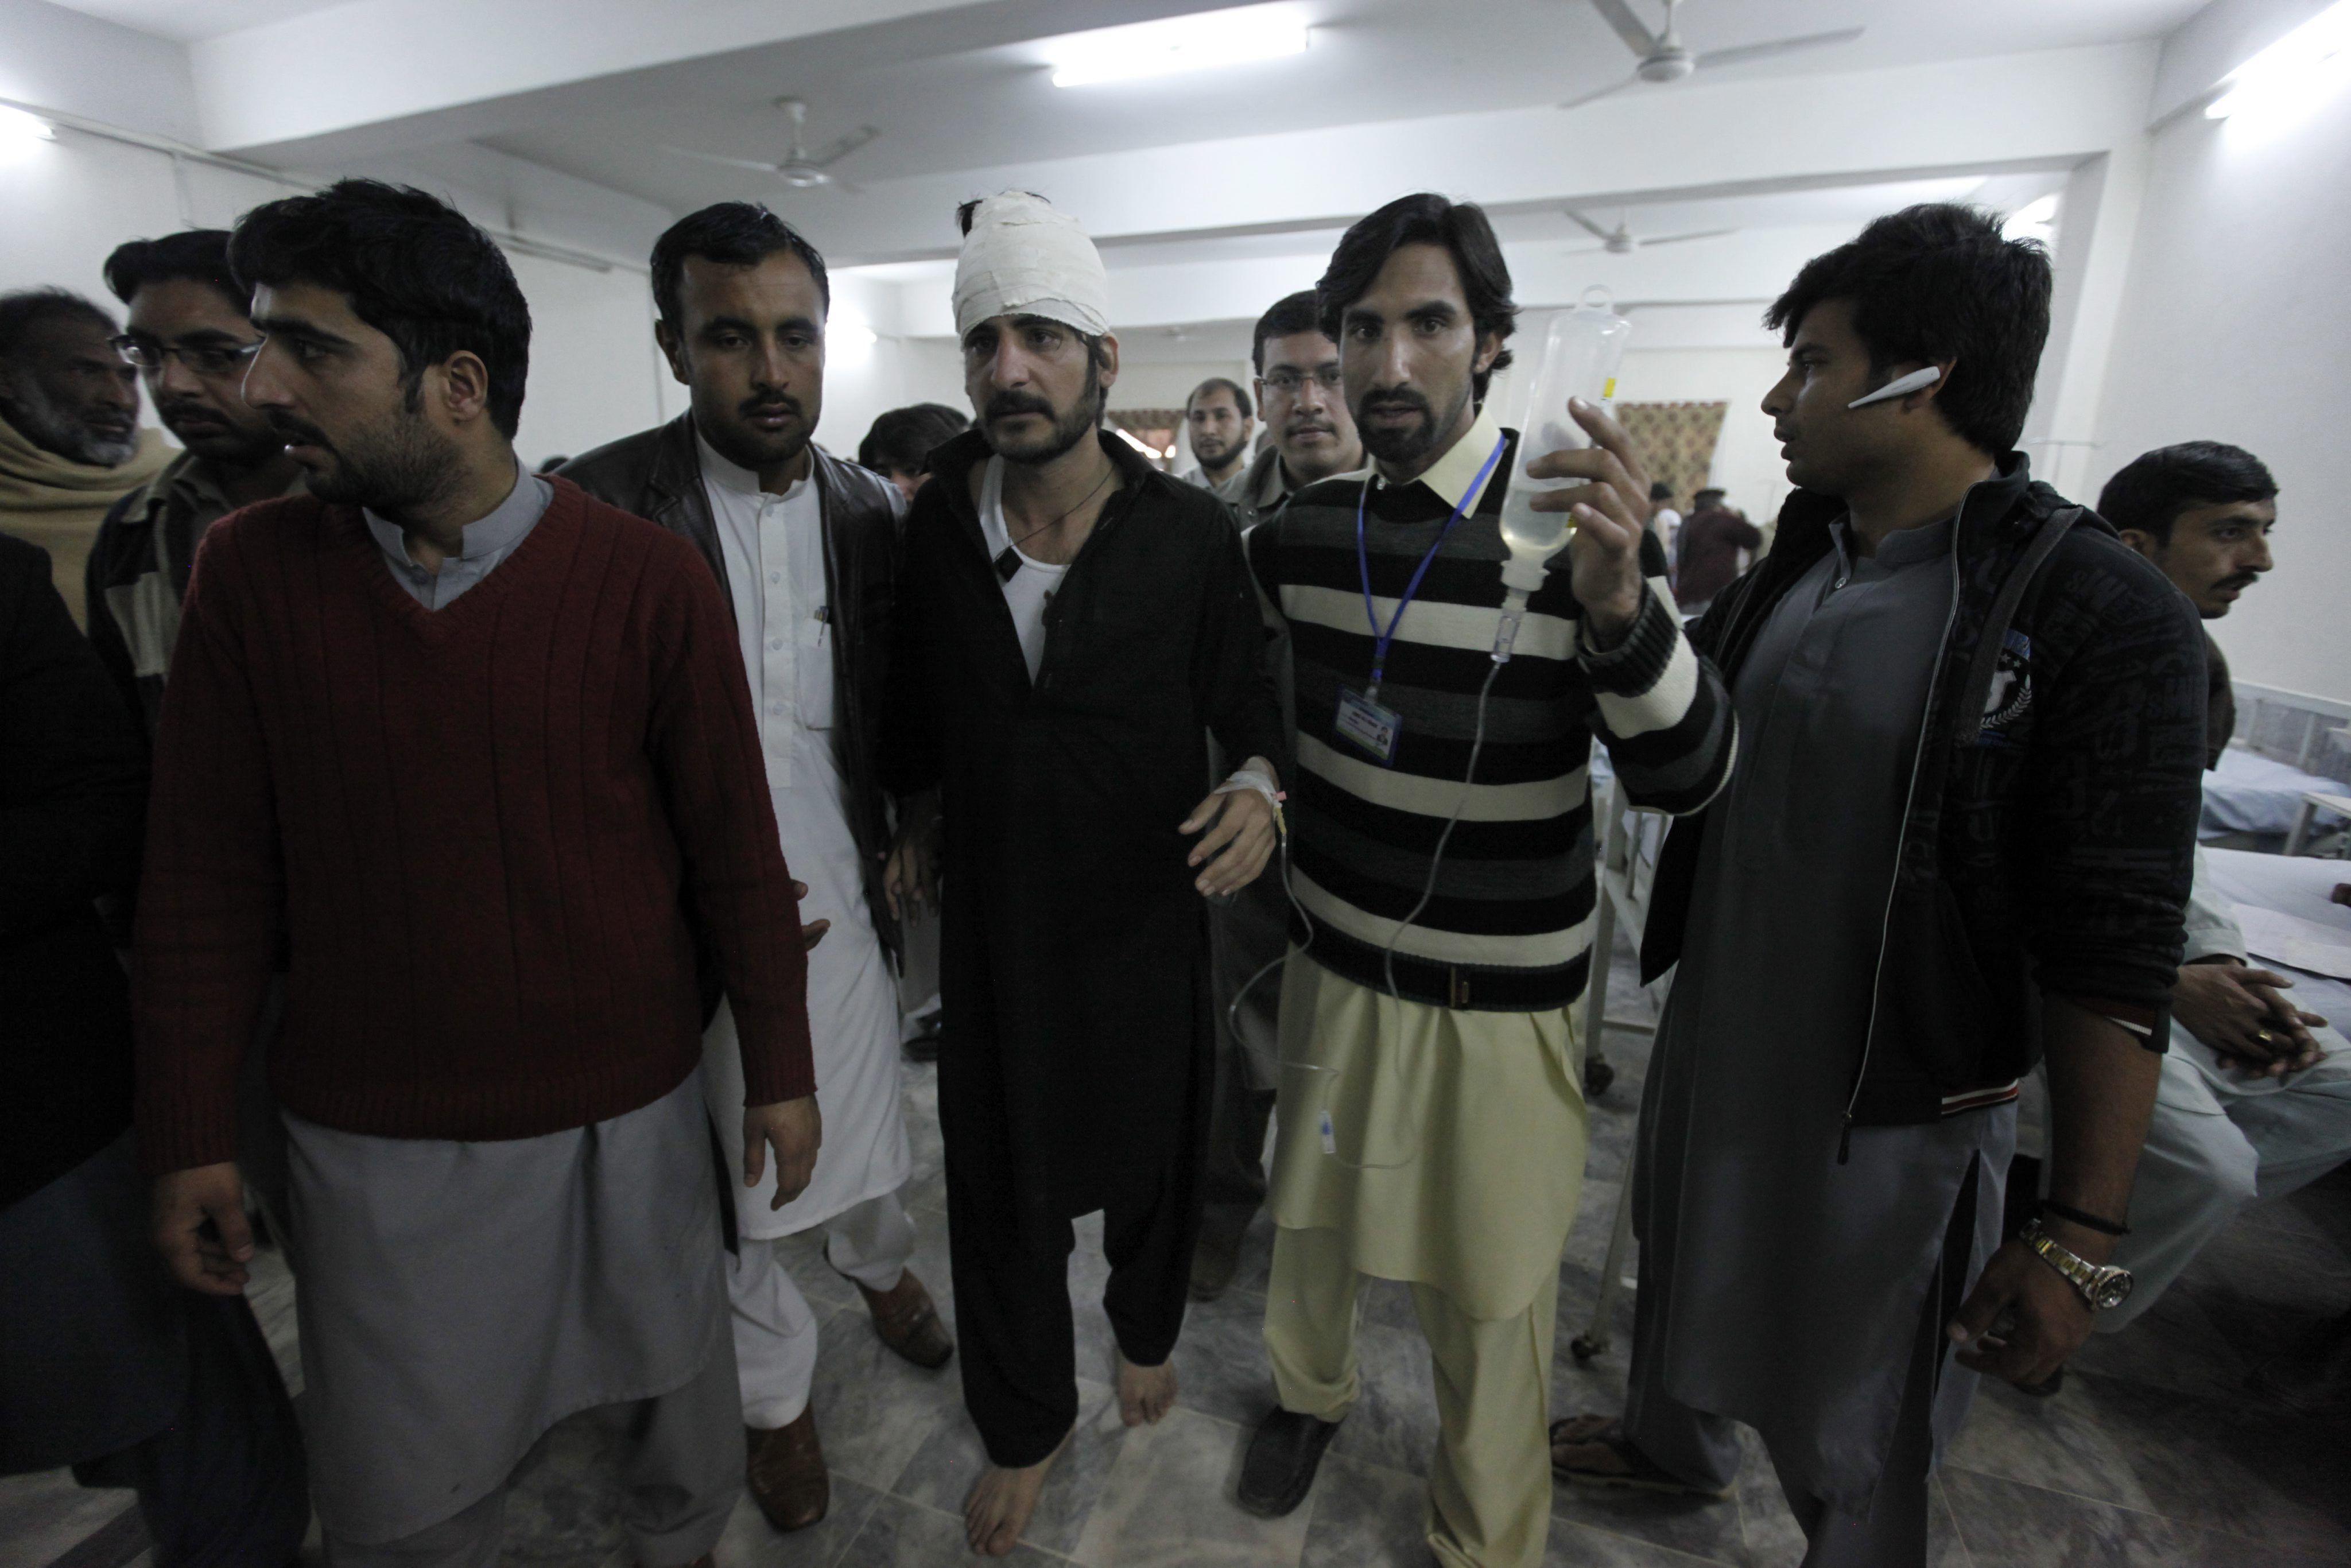 Masacre en Pakistán: al menos 25 muertos en un ataque a una universidad